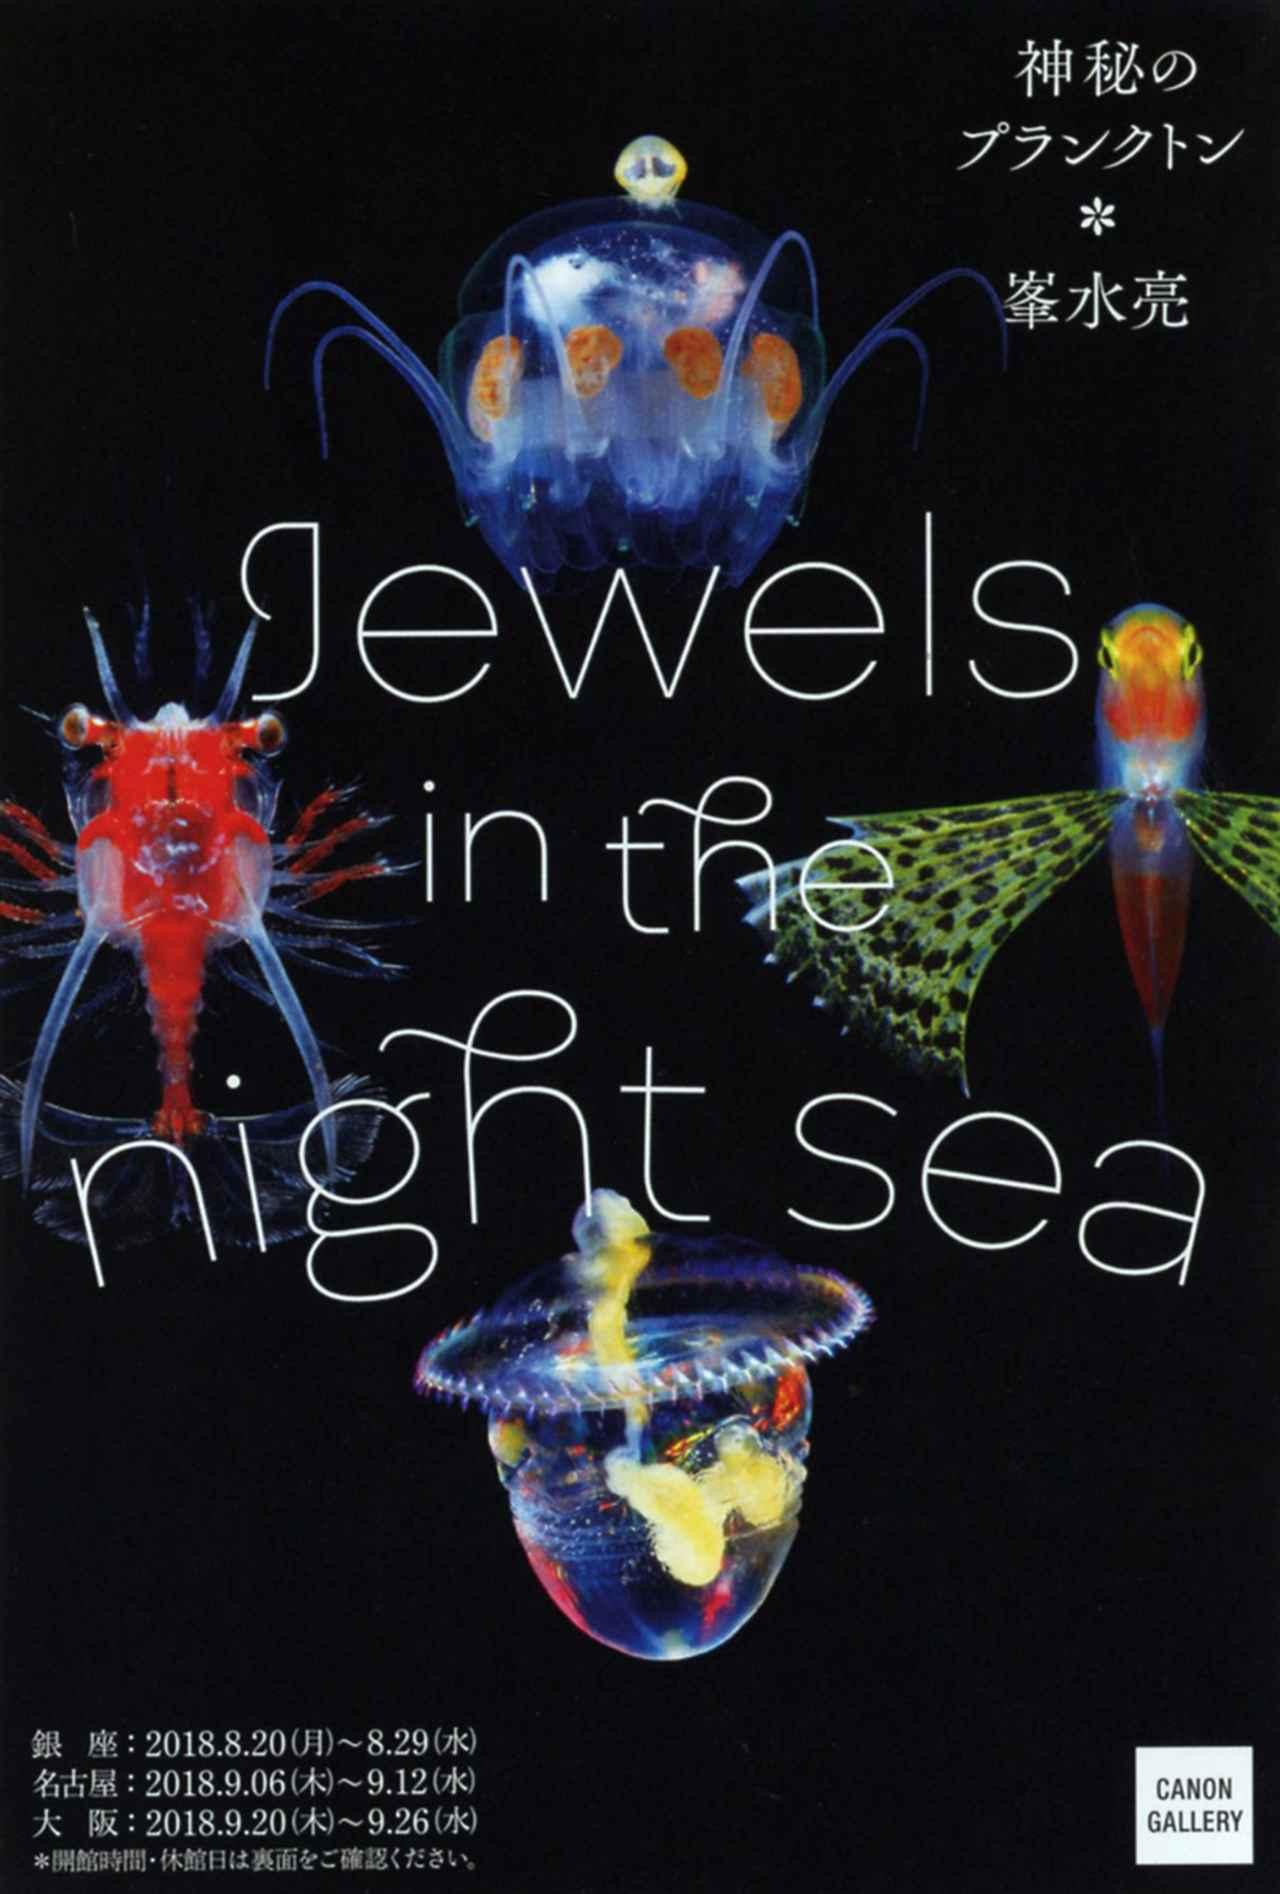 画像2: 峯水 亮 写真展「Jewels in the night sea 神秘のプランクトン」 ●開催中~2018年8月29日(水) キヤノンギャラリー銀座